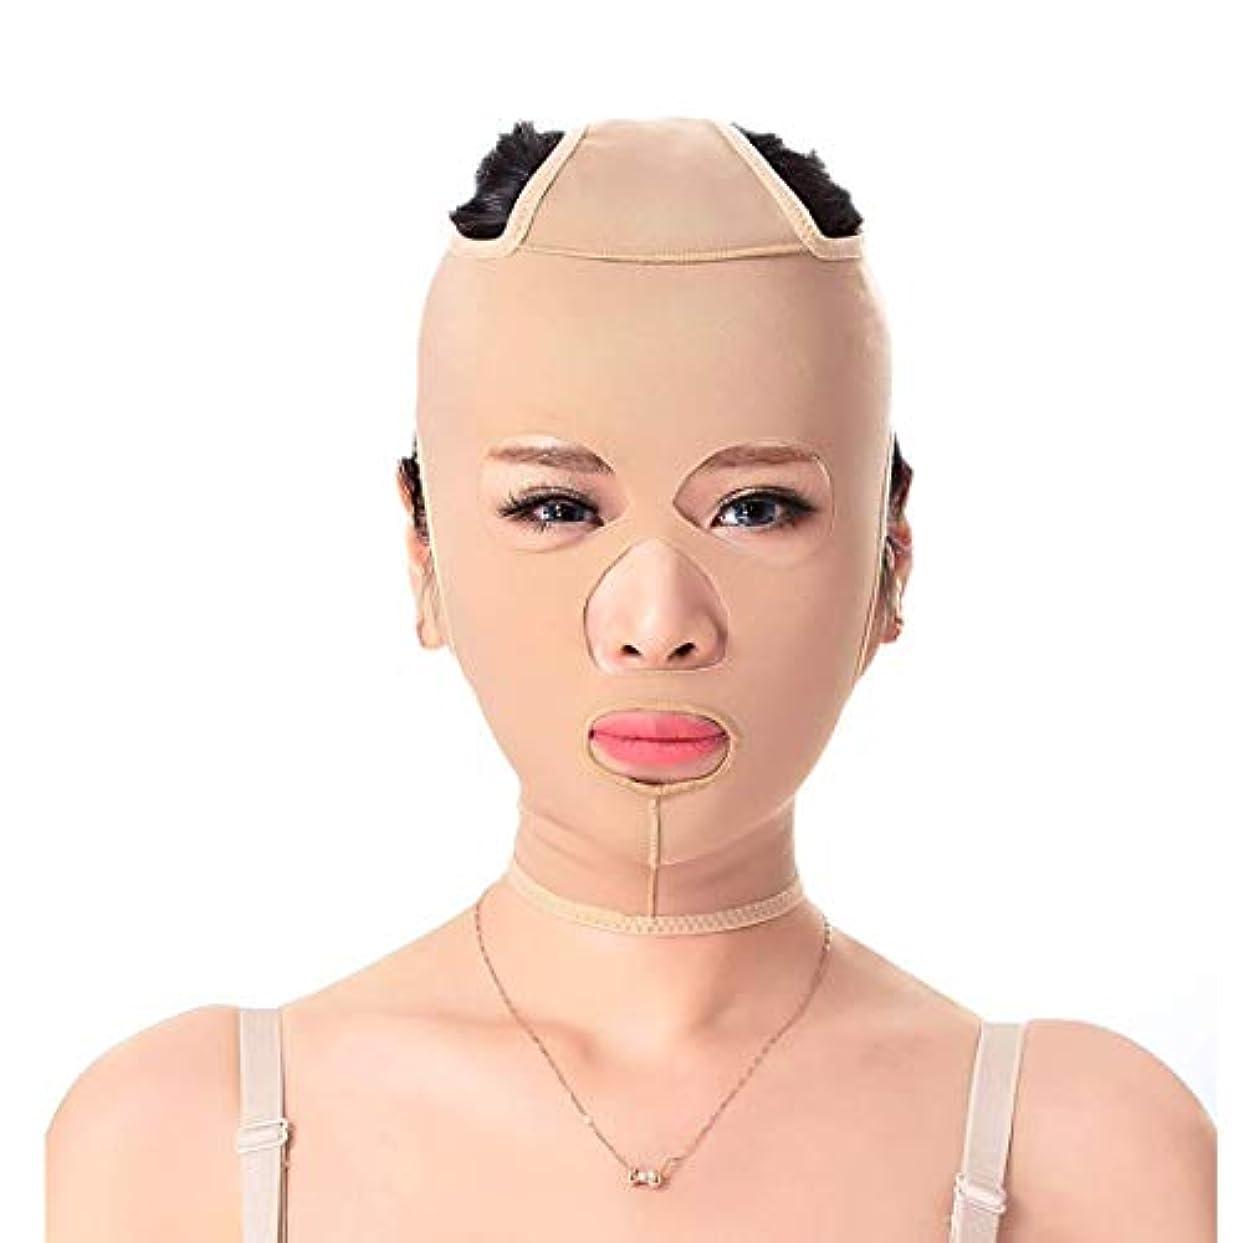 デンマーク語回復する集まるスリミングベルト、二重あごの引き締め顔面プラスチック顔アーティファクト強力な顔の包帯を脇に持ち上げるパターンを欺くためのフェイシャルマスク薄いフェイスマスク(サイズ:XXL),XXL